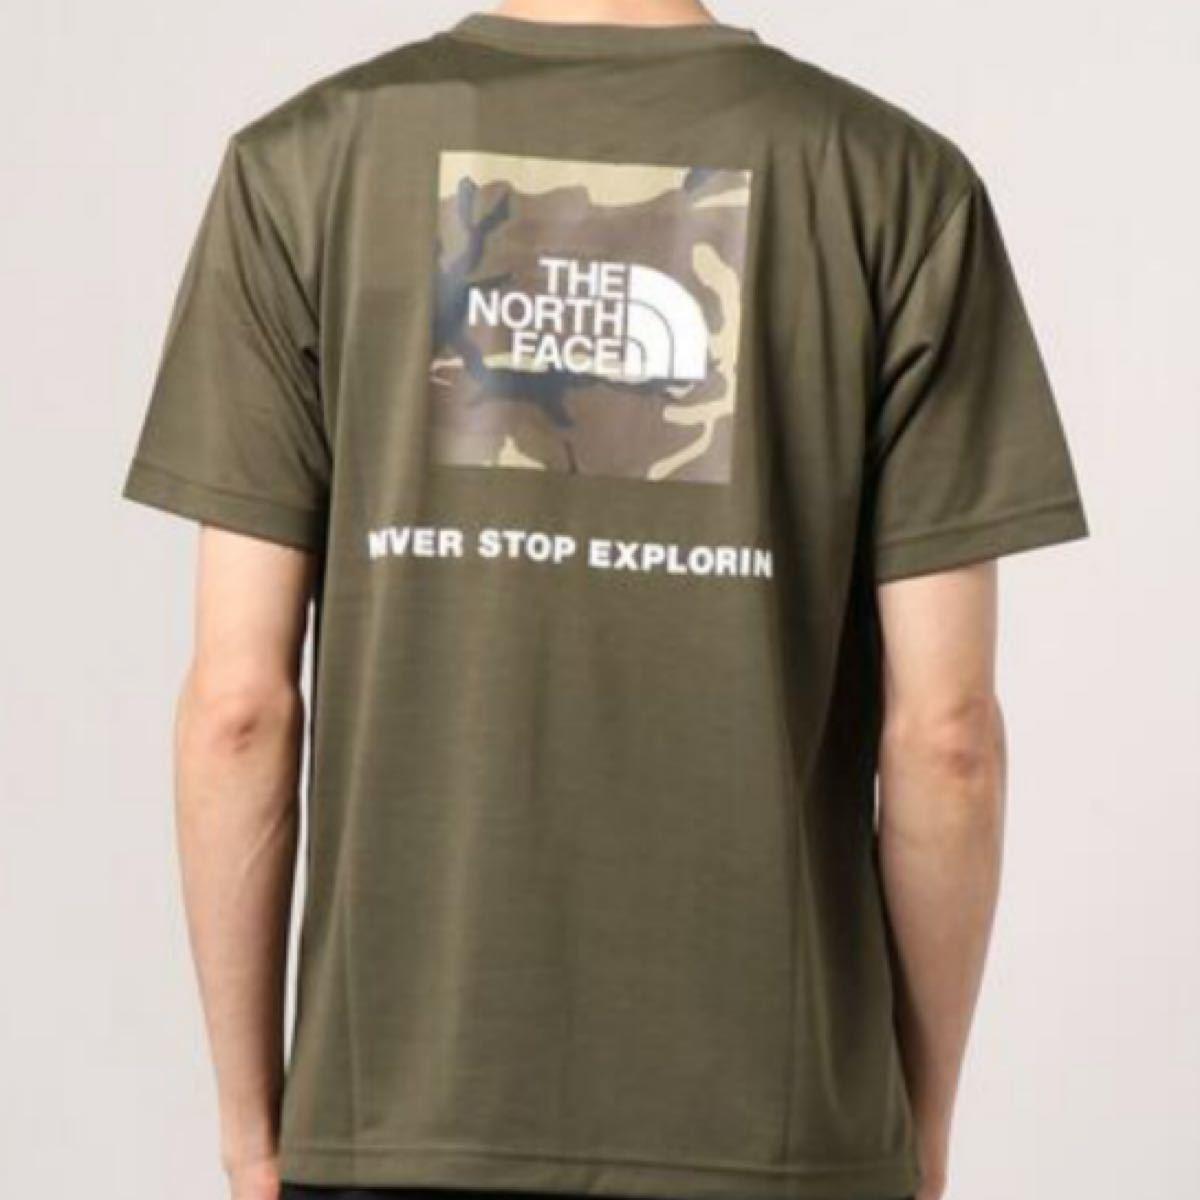 THE NORTH FACE/ノースフェイス ショートスリーブスクエアカモフラージュTシャツ NT32158 新品未使用 タグ付き